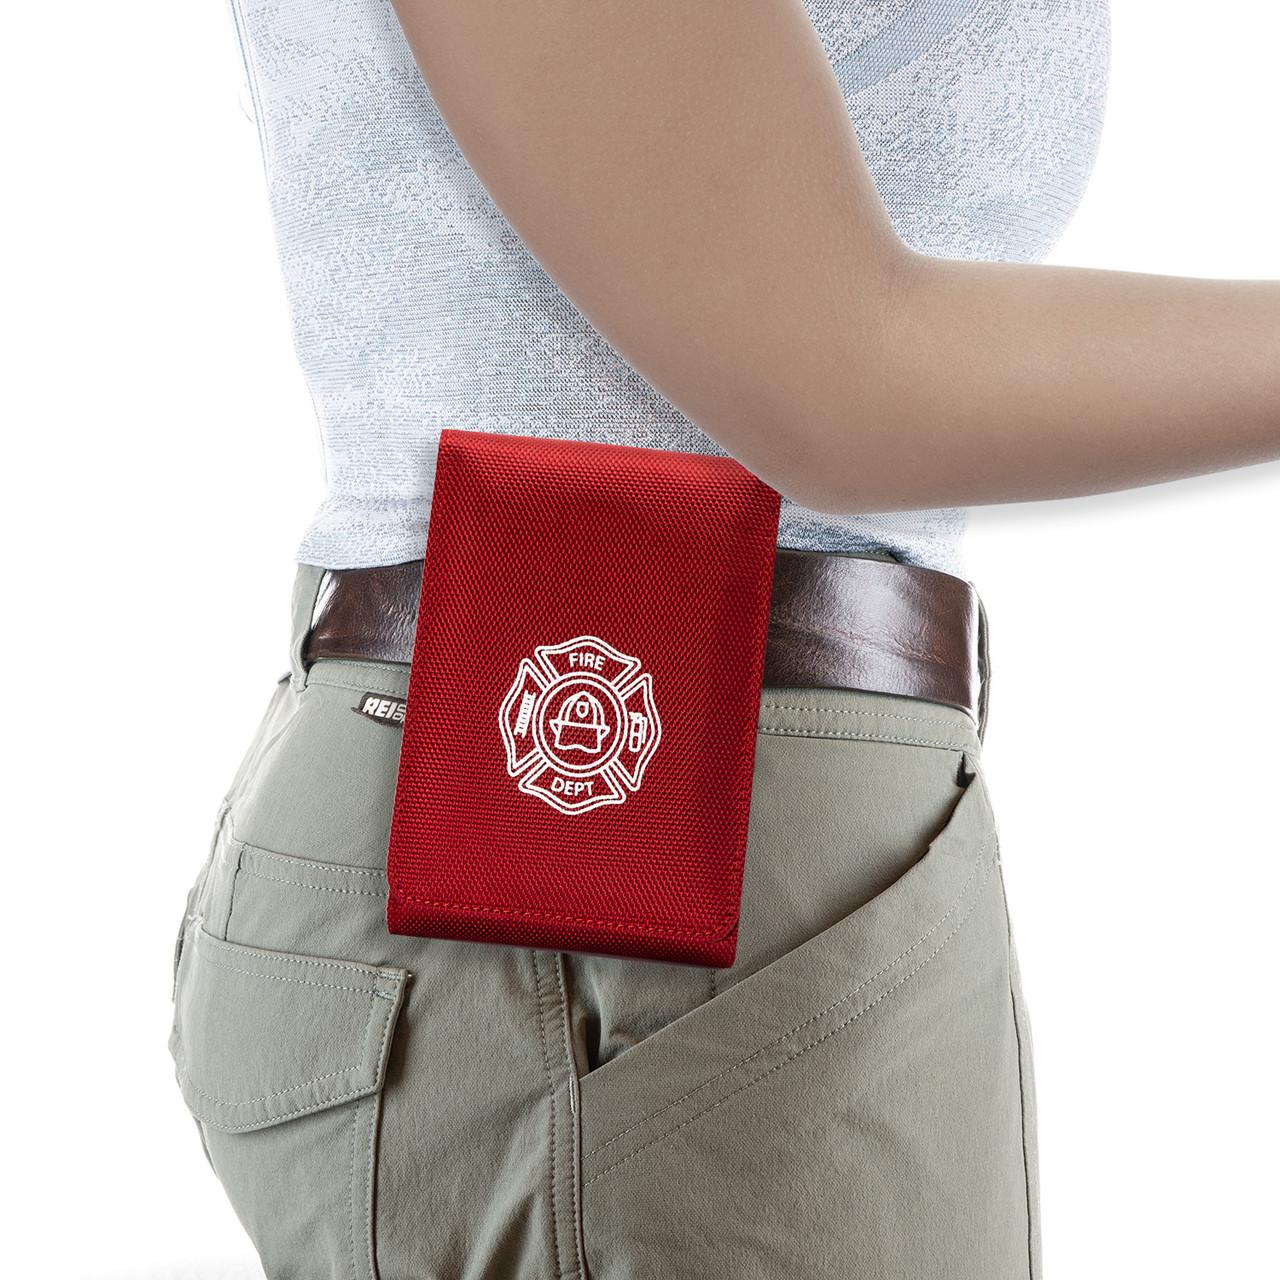 HK VP9 Red Covert Series Holster